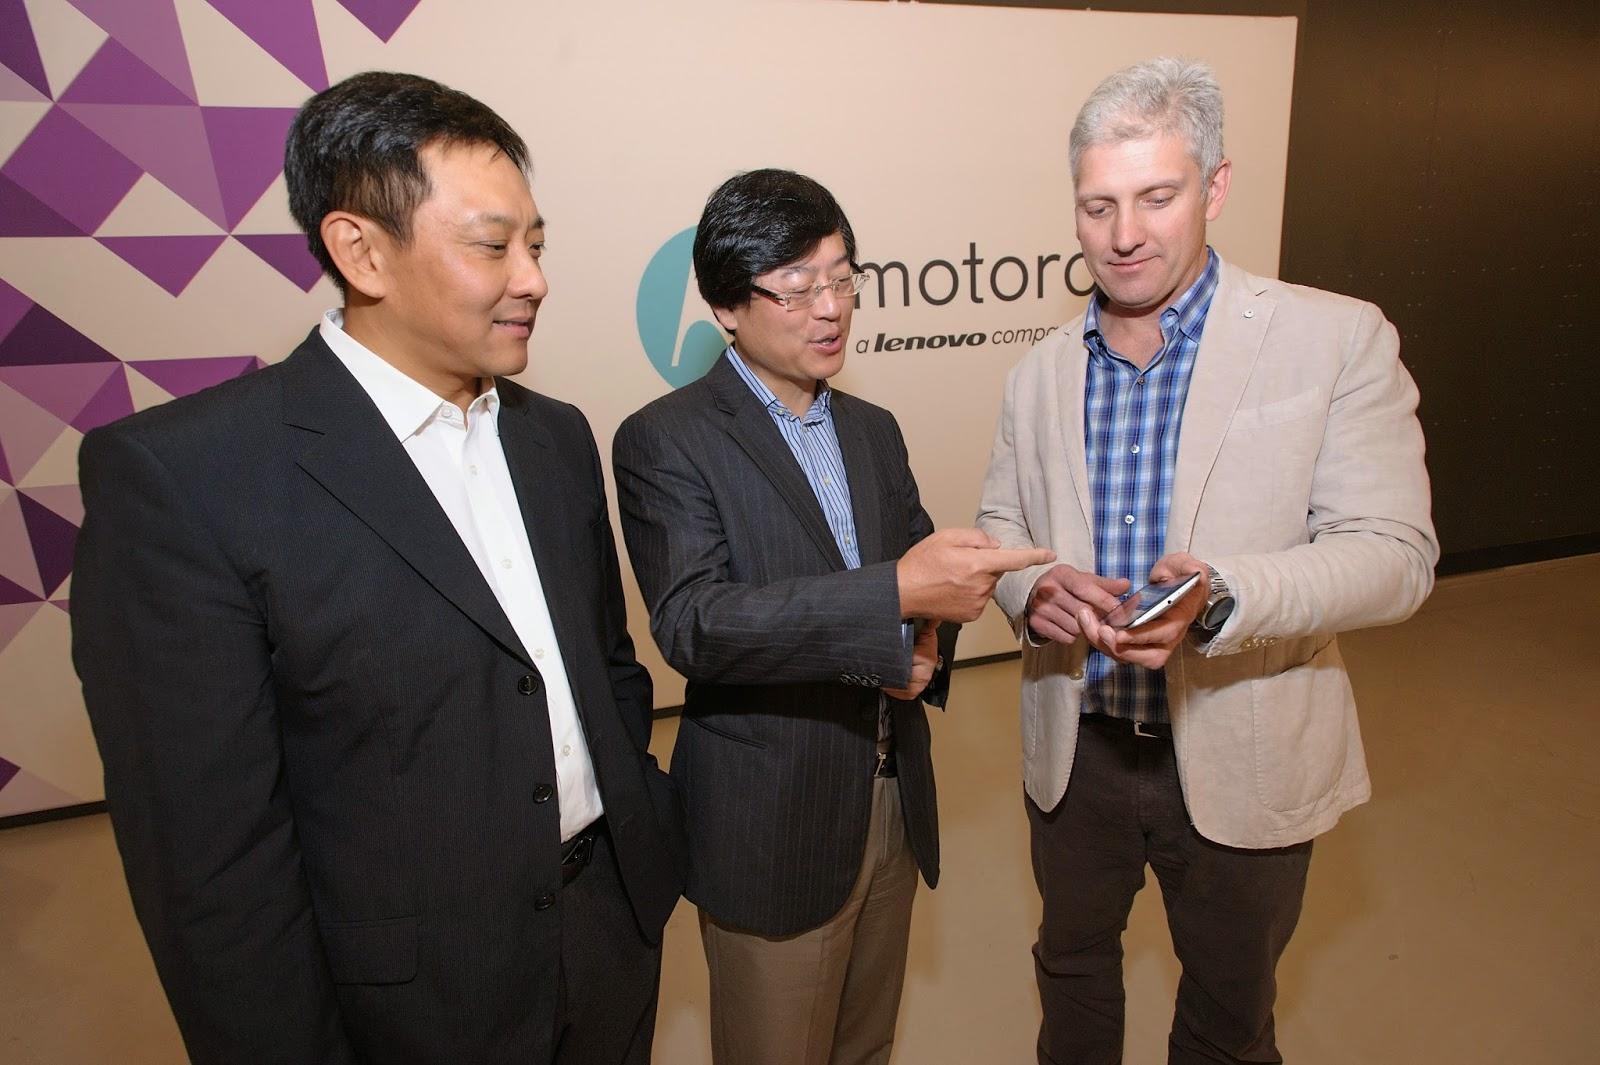 MONDE / ÉCONOMIE > Lenovo® rachète Motorola au géant internet Google